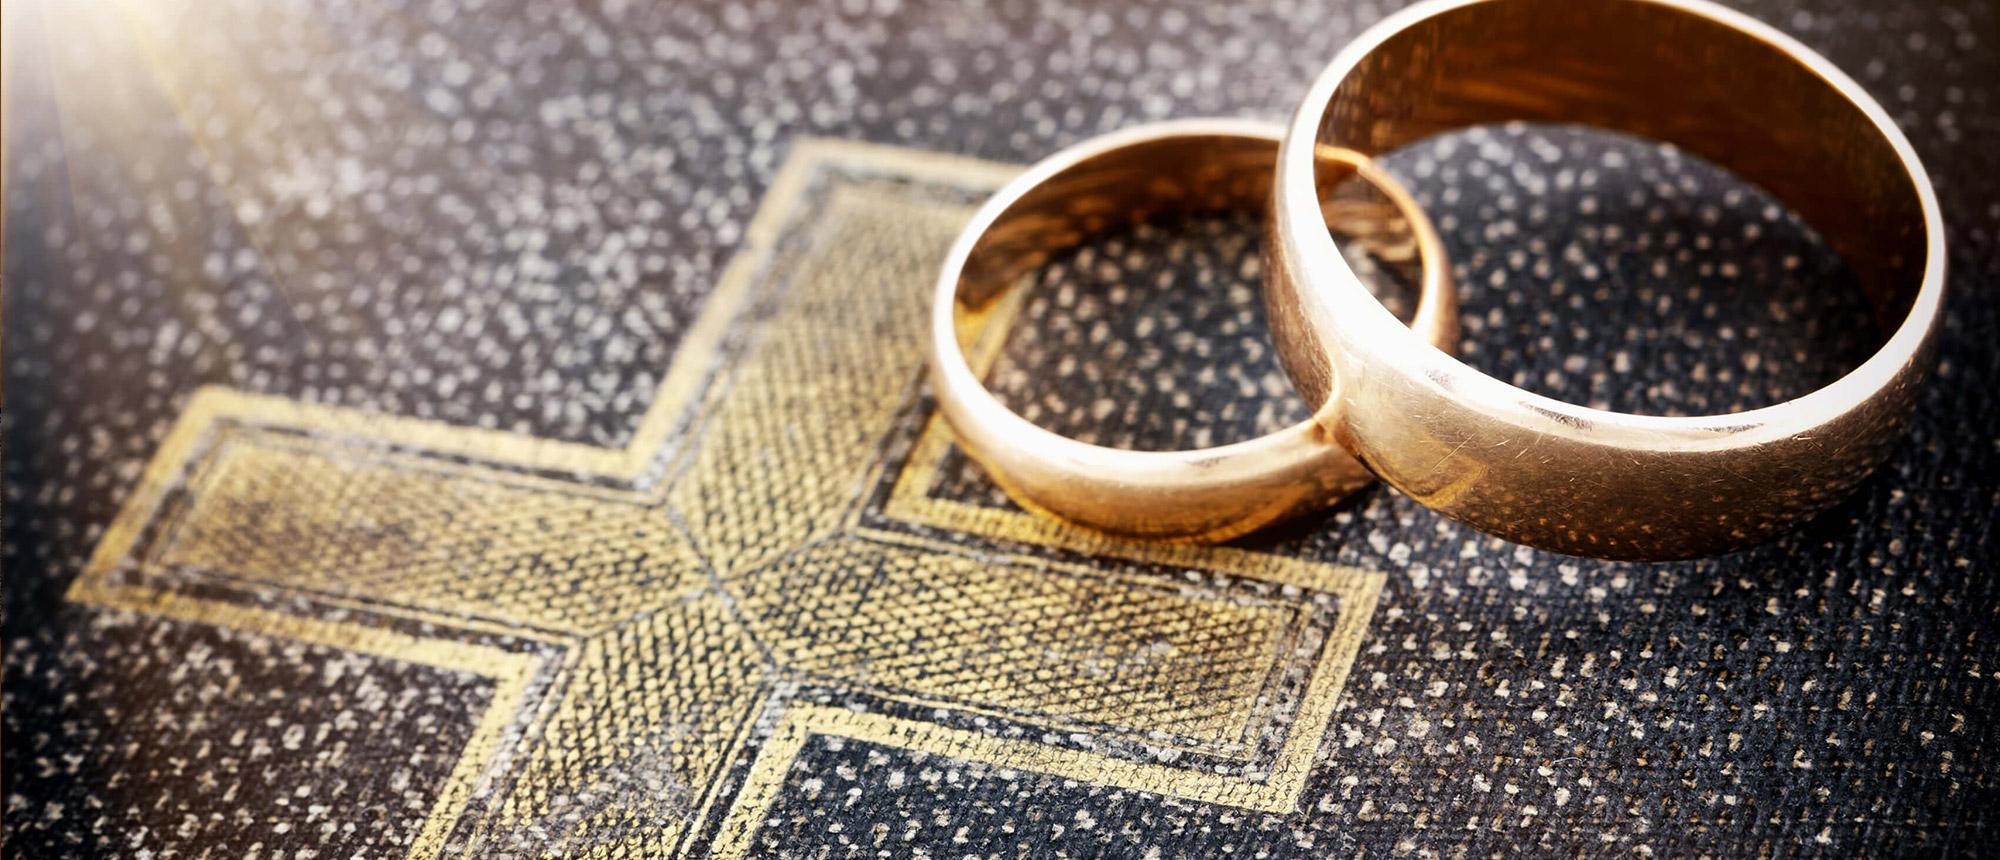 Catholic marriage preparation course bangalore map